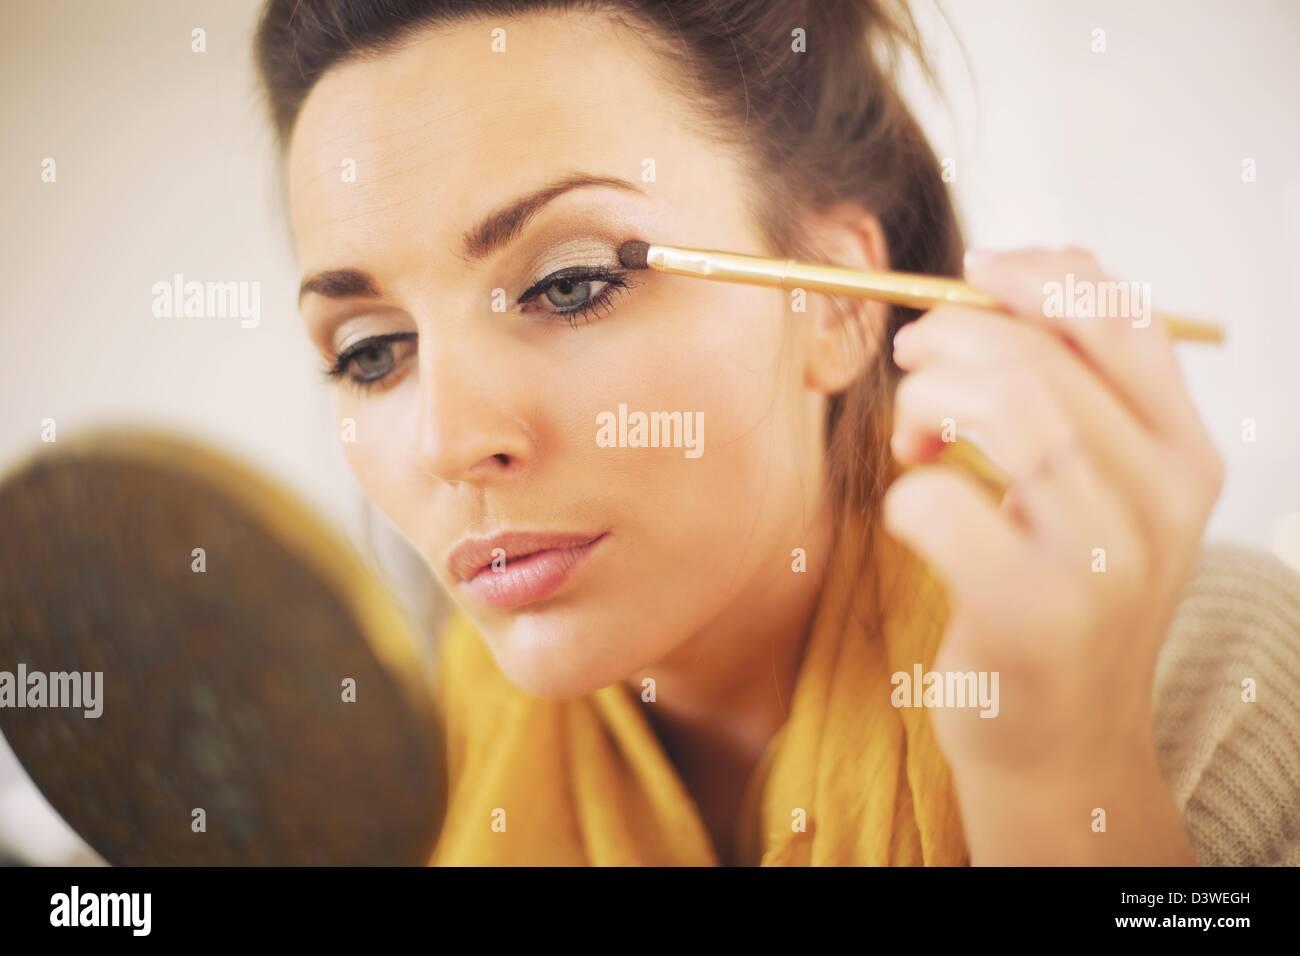 Mujer atractiva aplicación de maquillaje mientras se mira en el espejo Imagen De Stock